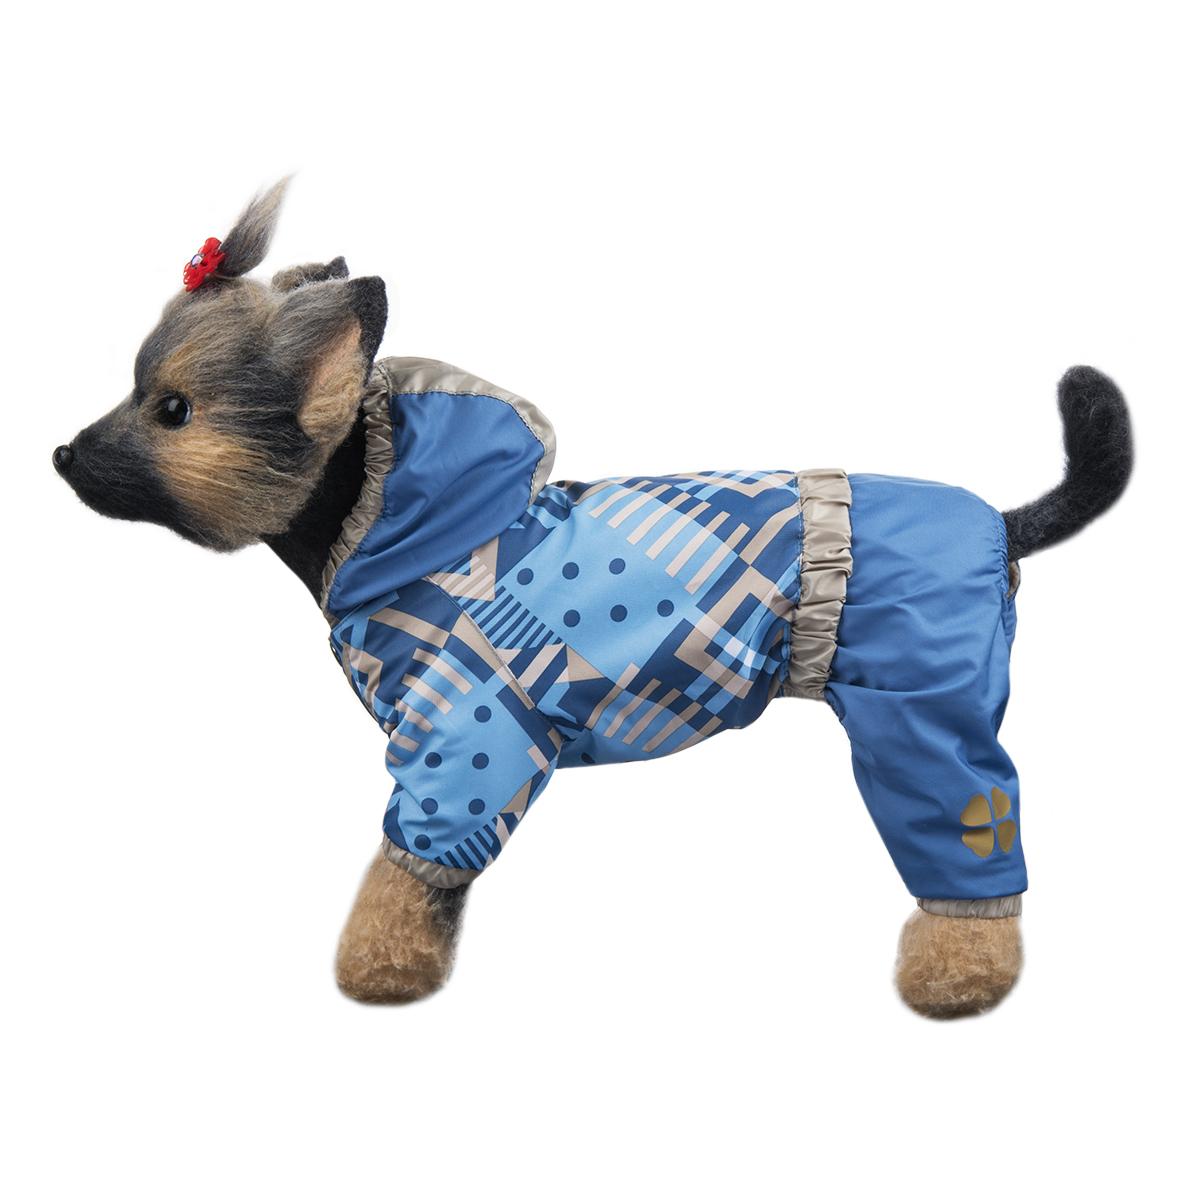 Комбинезон для собак Dogmoda Прогулочный, унисекс, цвет: голубой, серый. Размер 4 (XL)